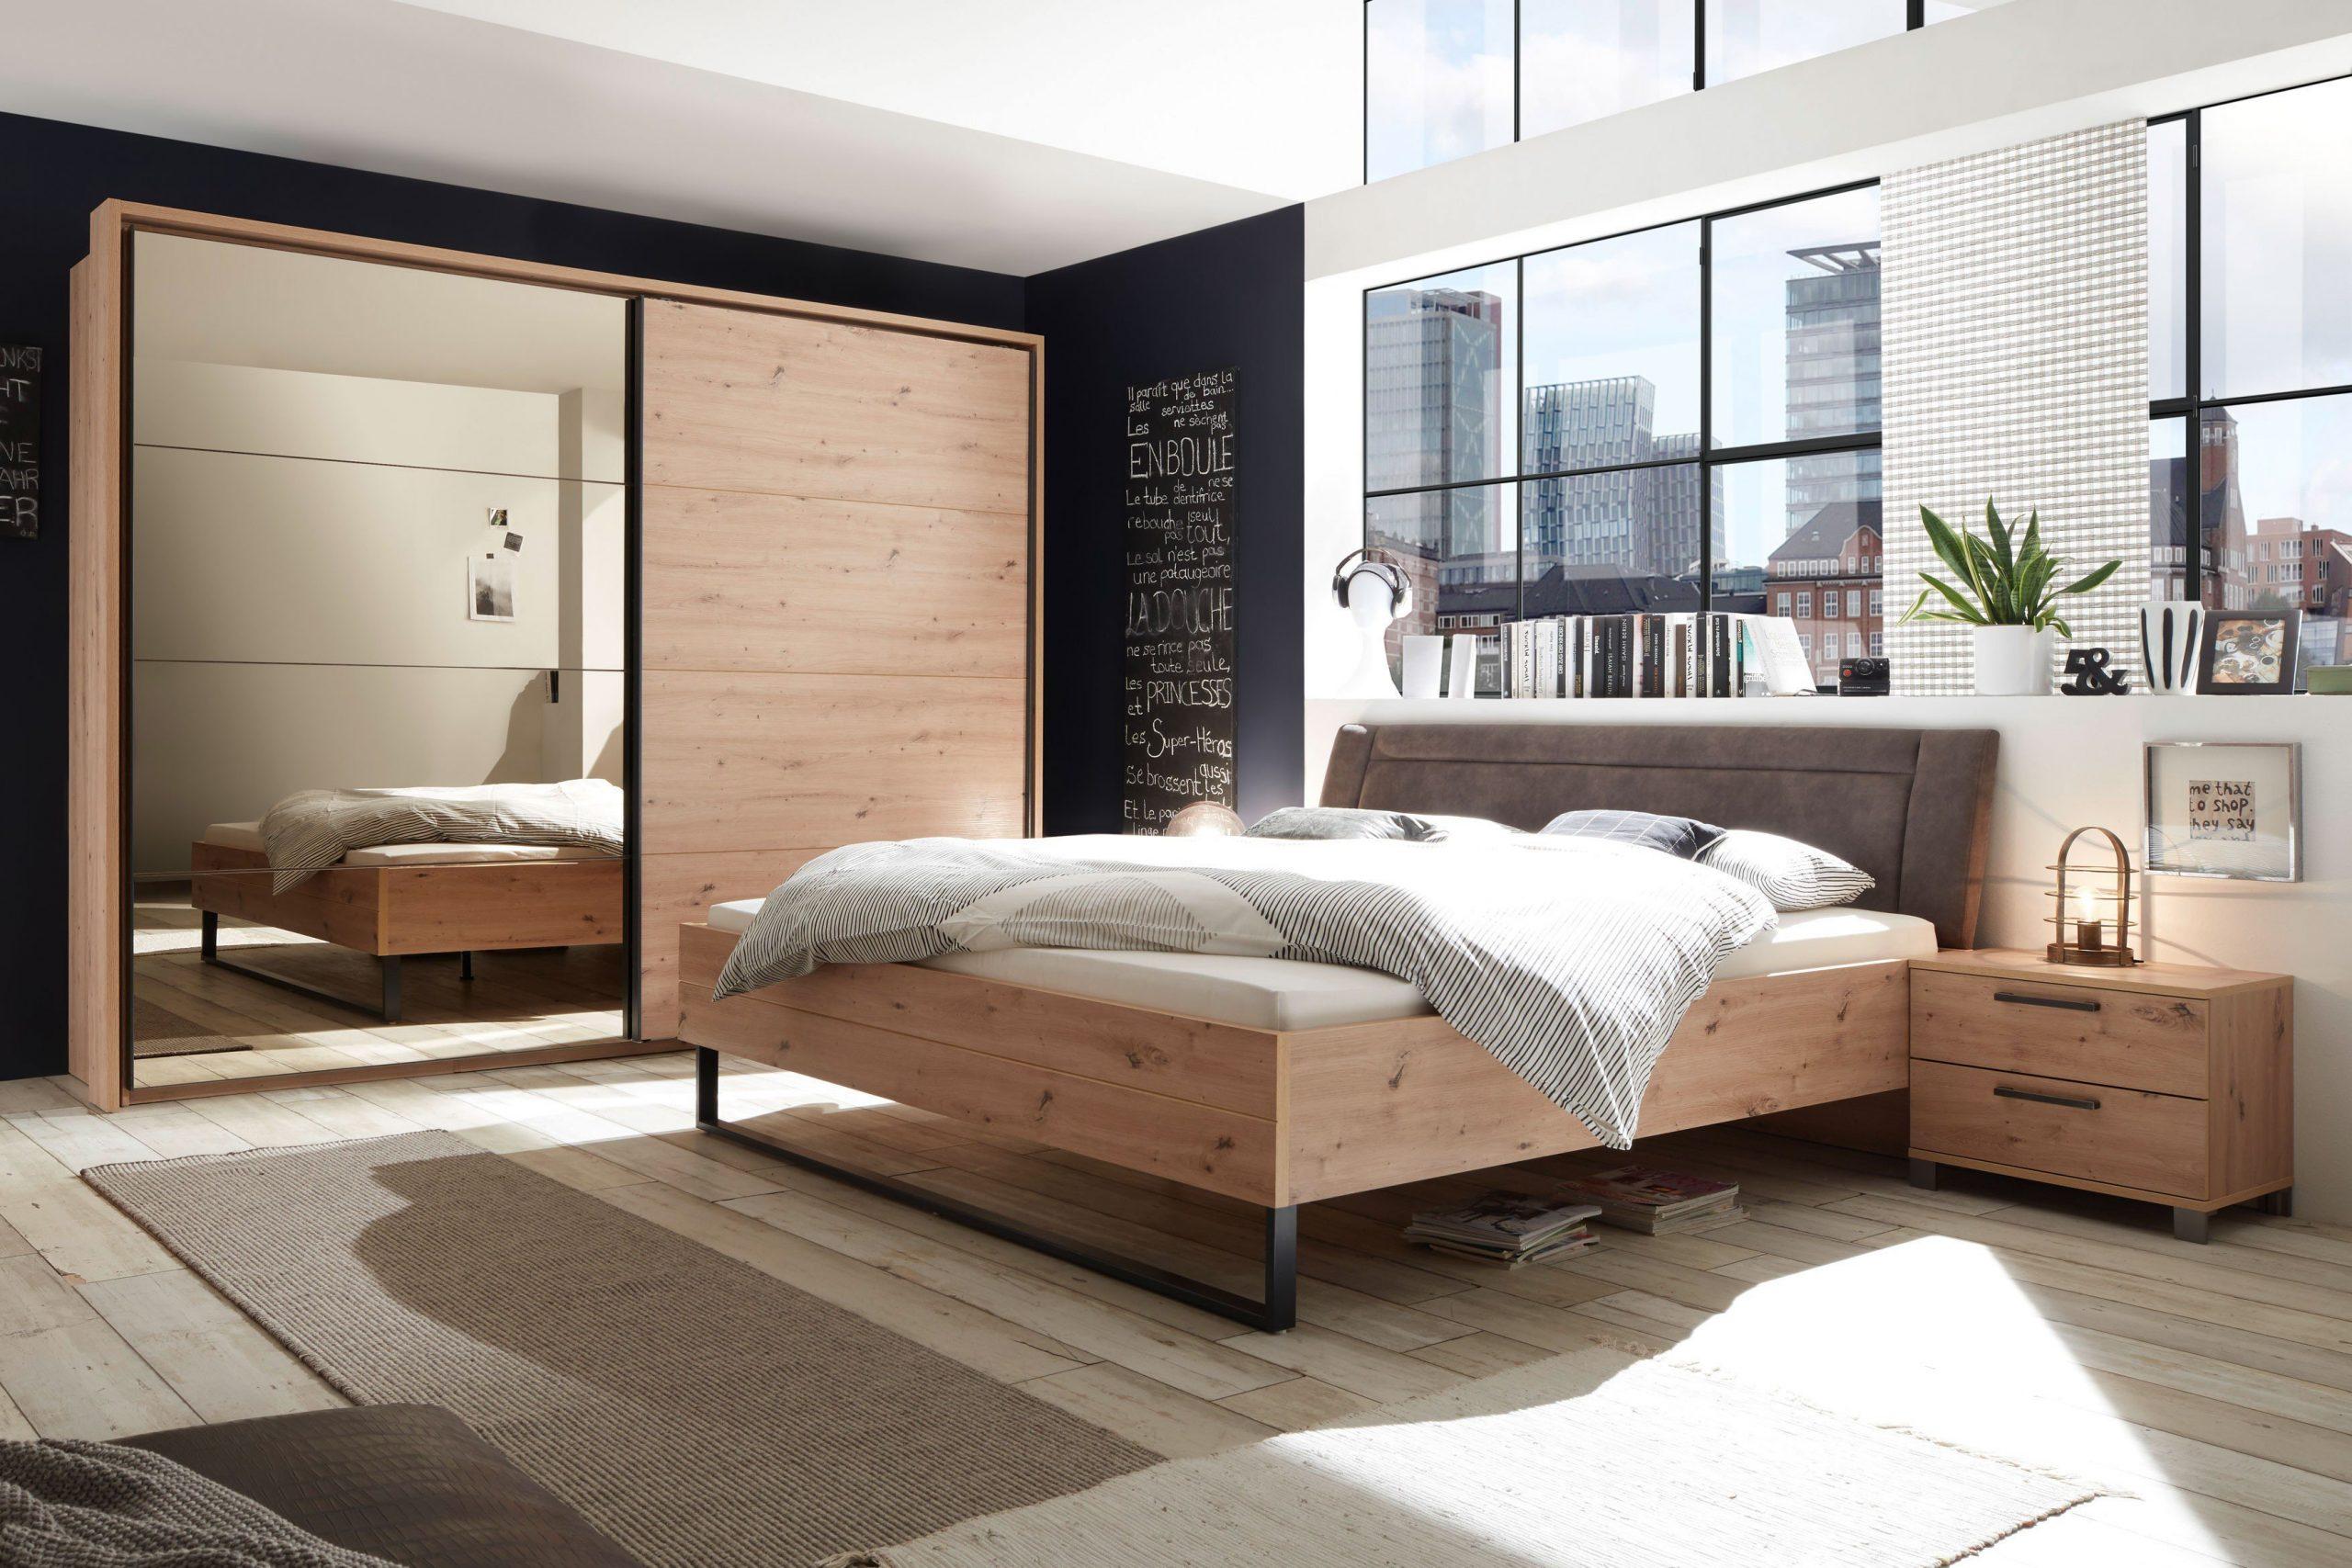 Full Size of Schlafzimmer Komplettangebote Otto Poco Italienische Ikea Lampe Landhausstil Komplette Kommode Komplett Luxus Klimagerät Für Wandtattoo Deckenleuchten Deko Schlafzimmer Schlafzimmer Komplettangebote